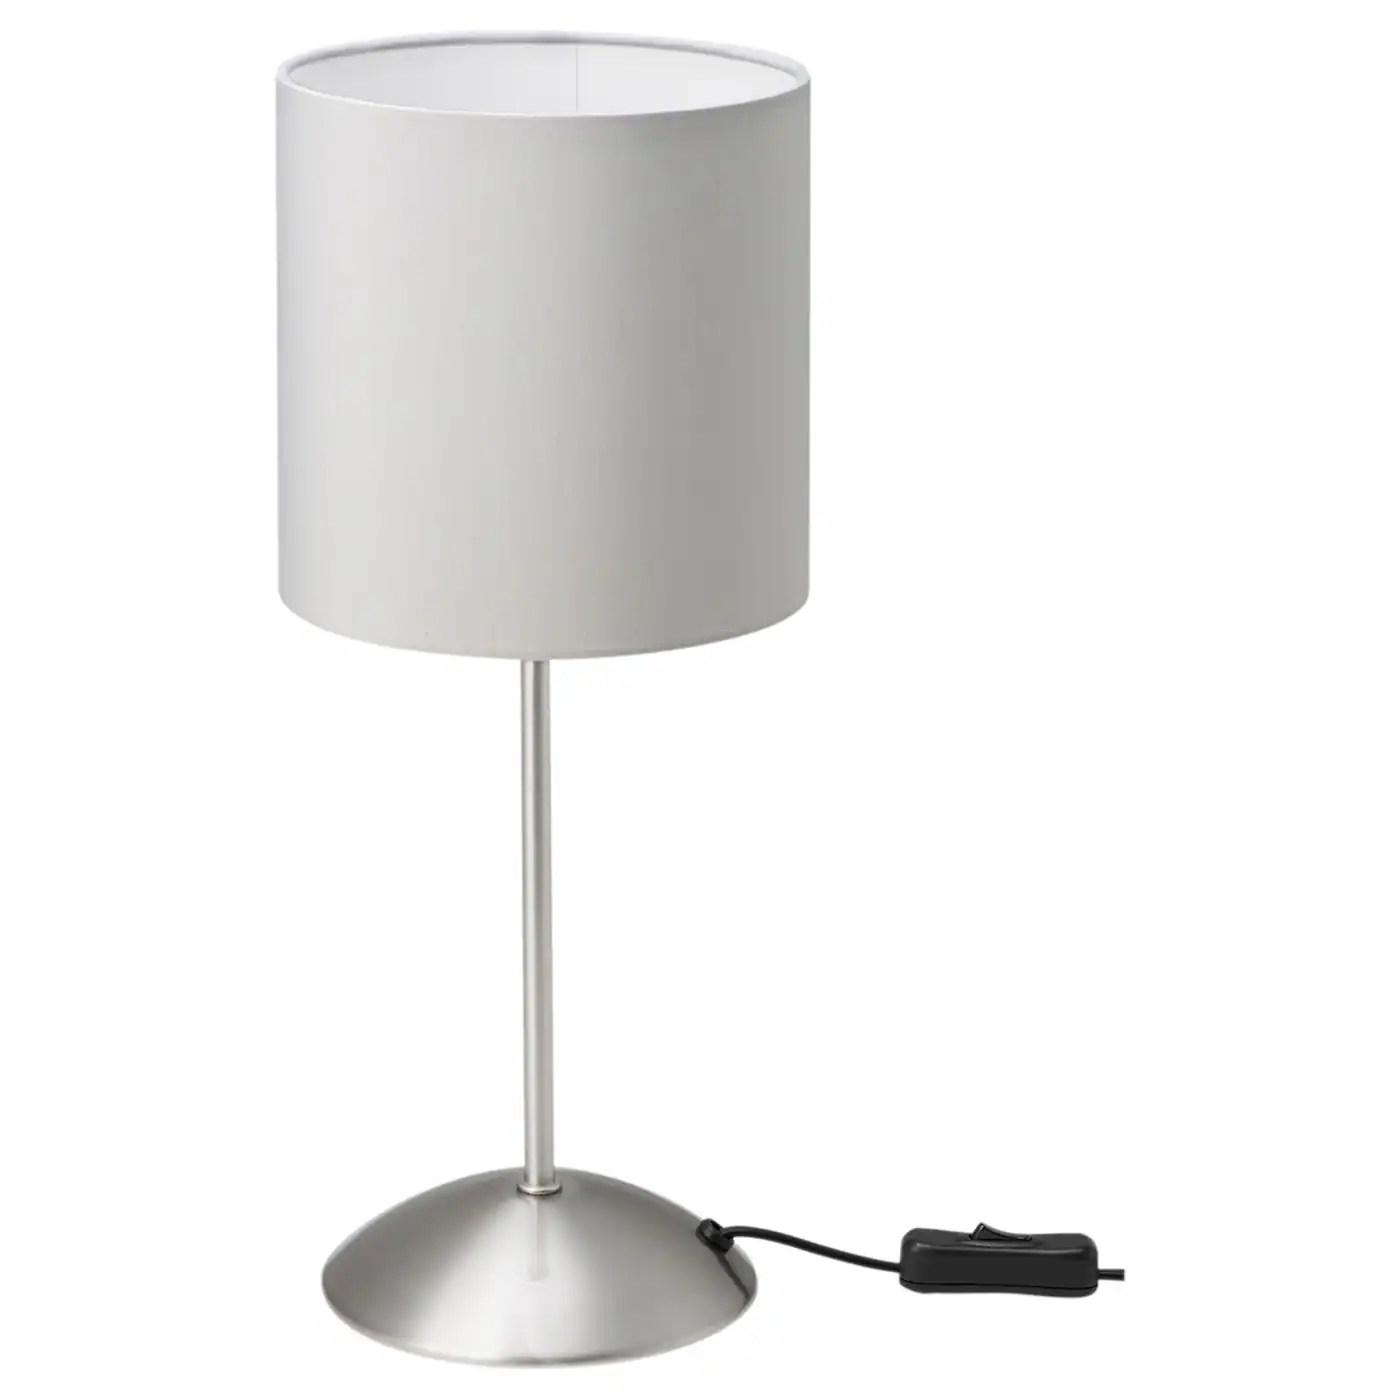 Tiarp Grey Table Lamp Ikea